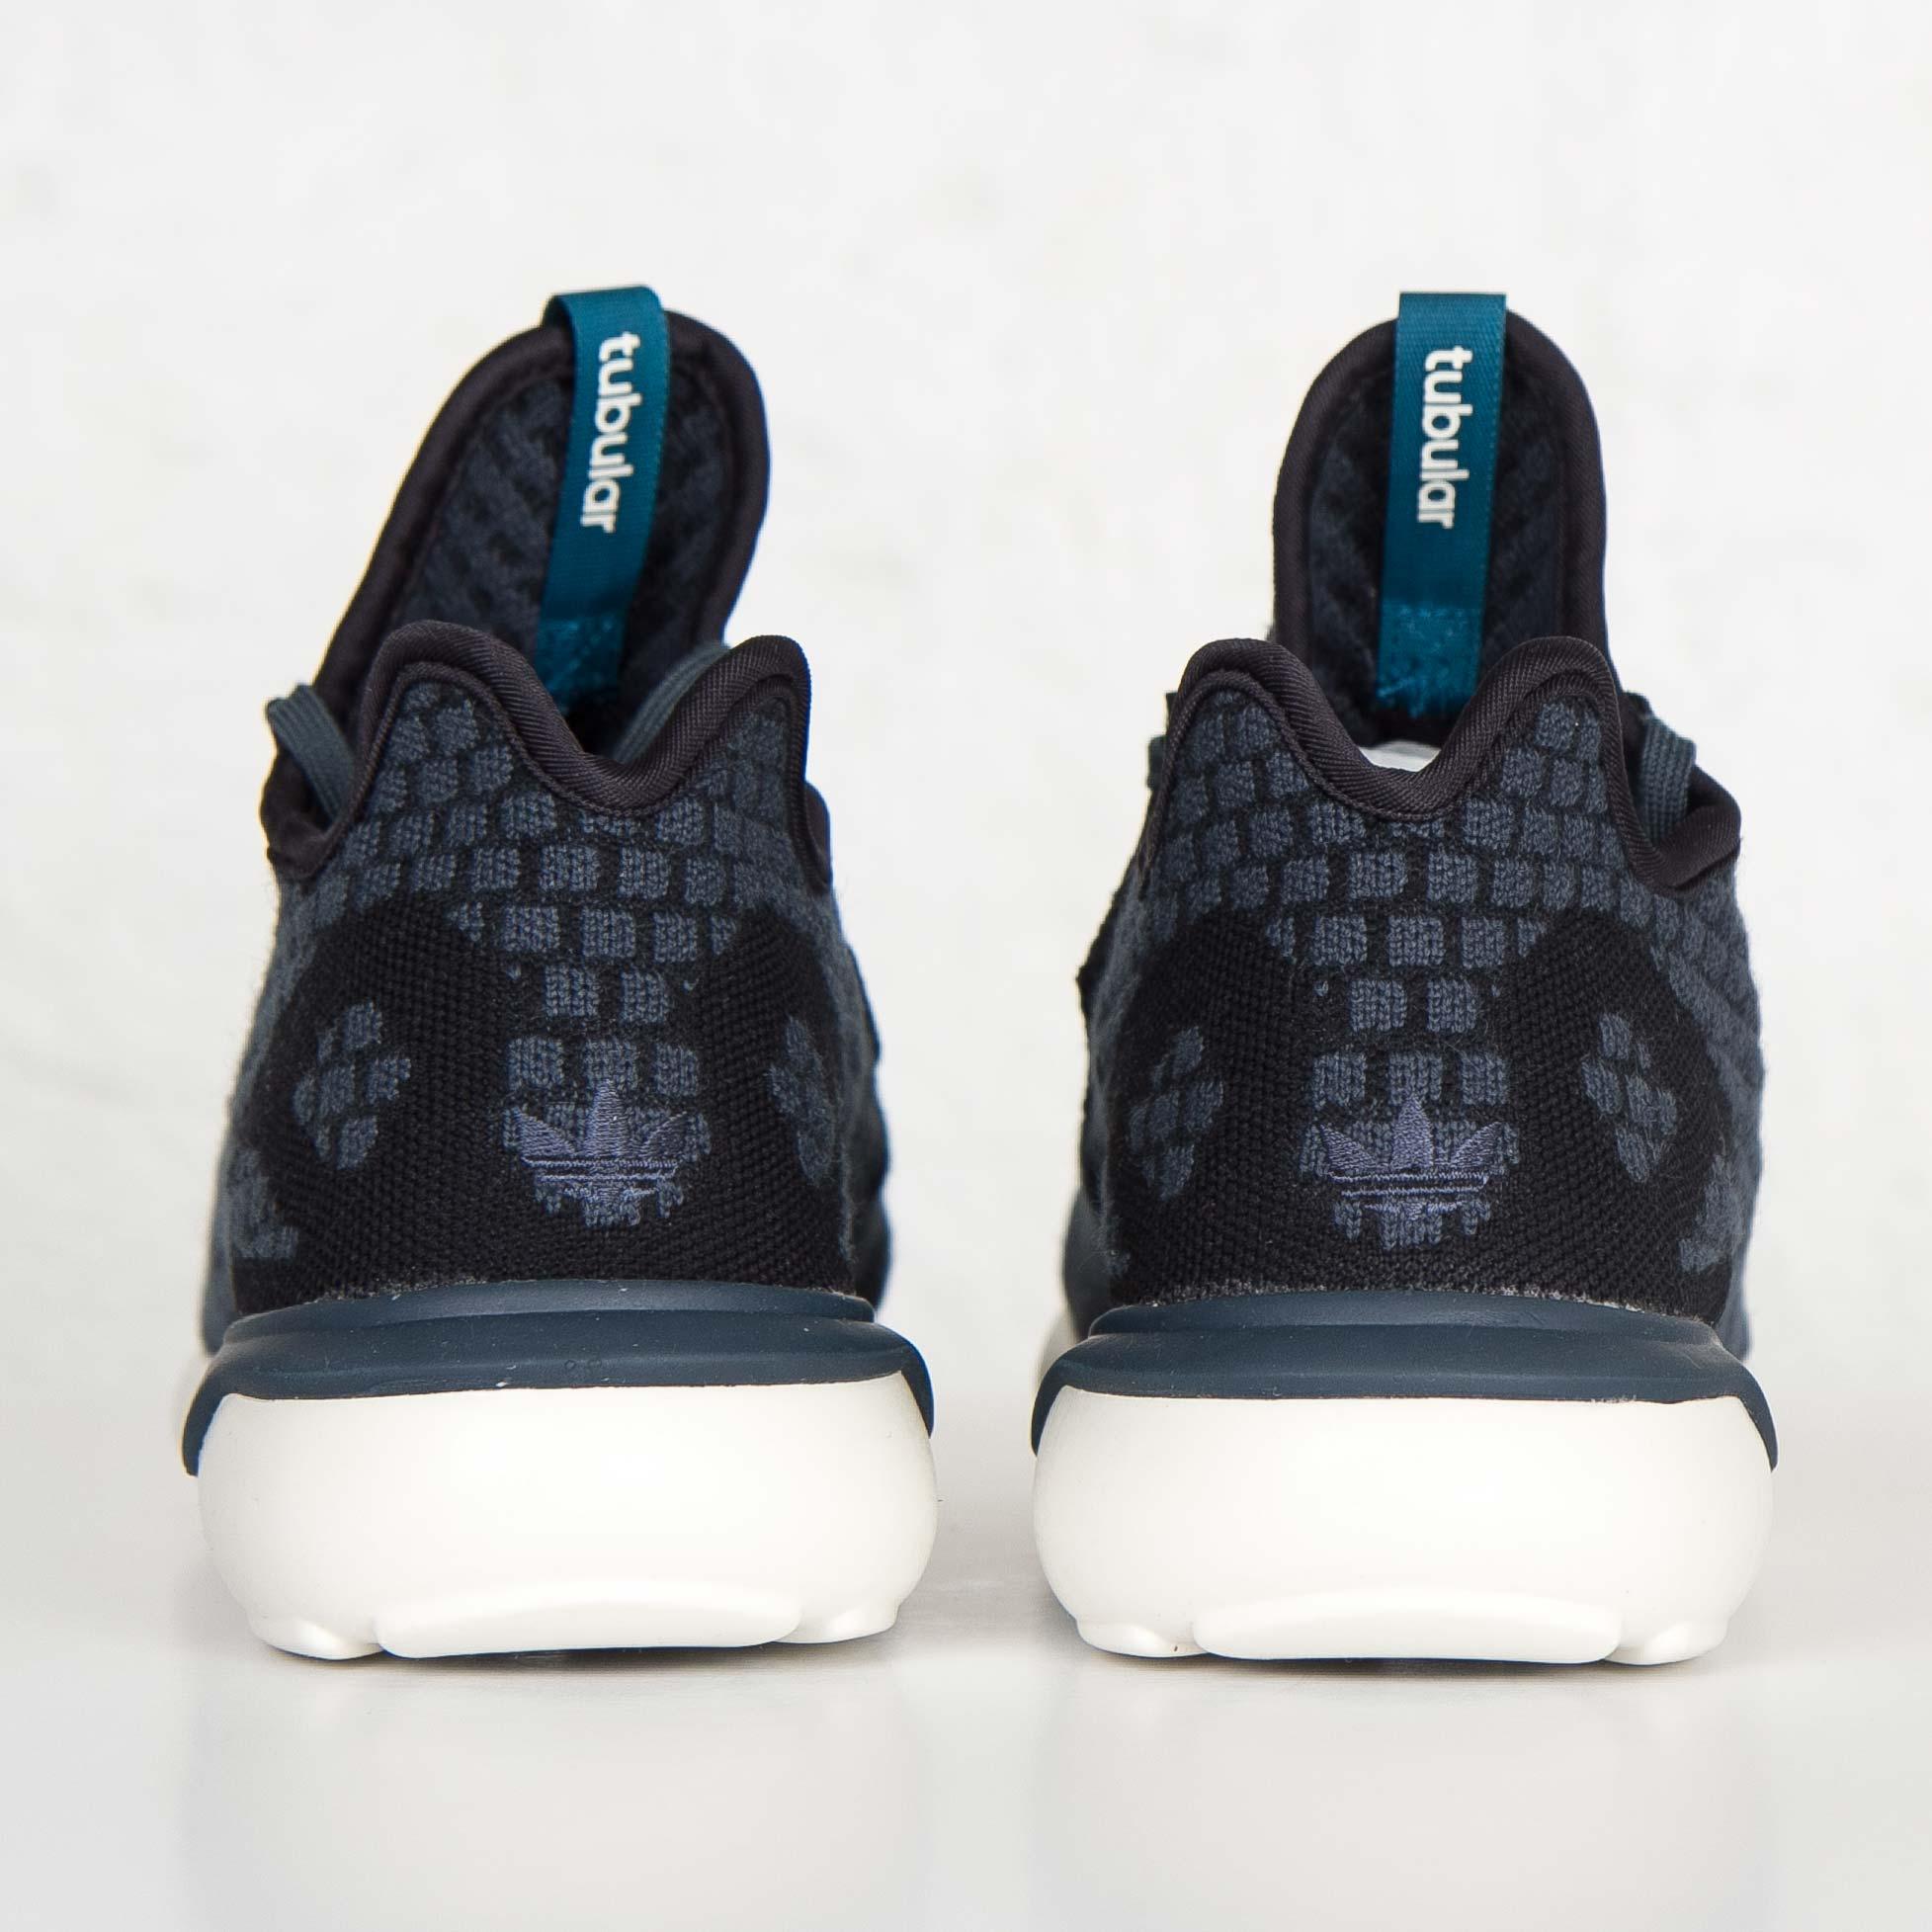 adidas per primo la maglia s81677 sneakersnstuff runner